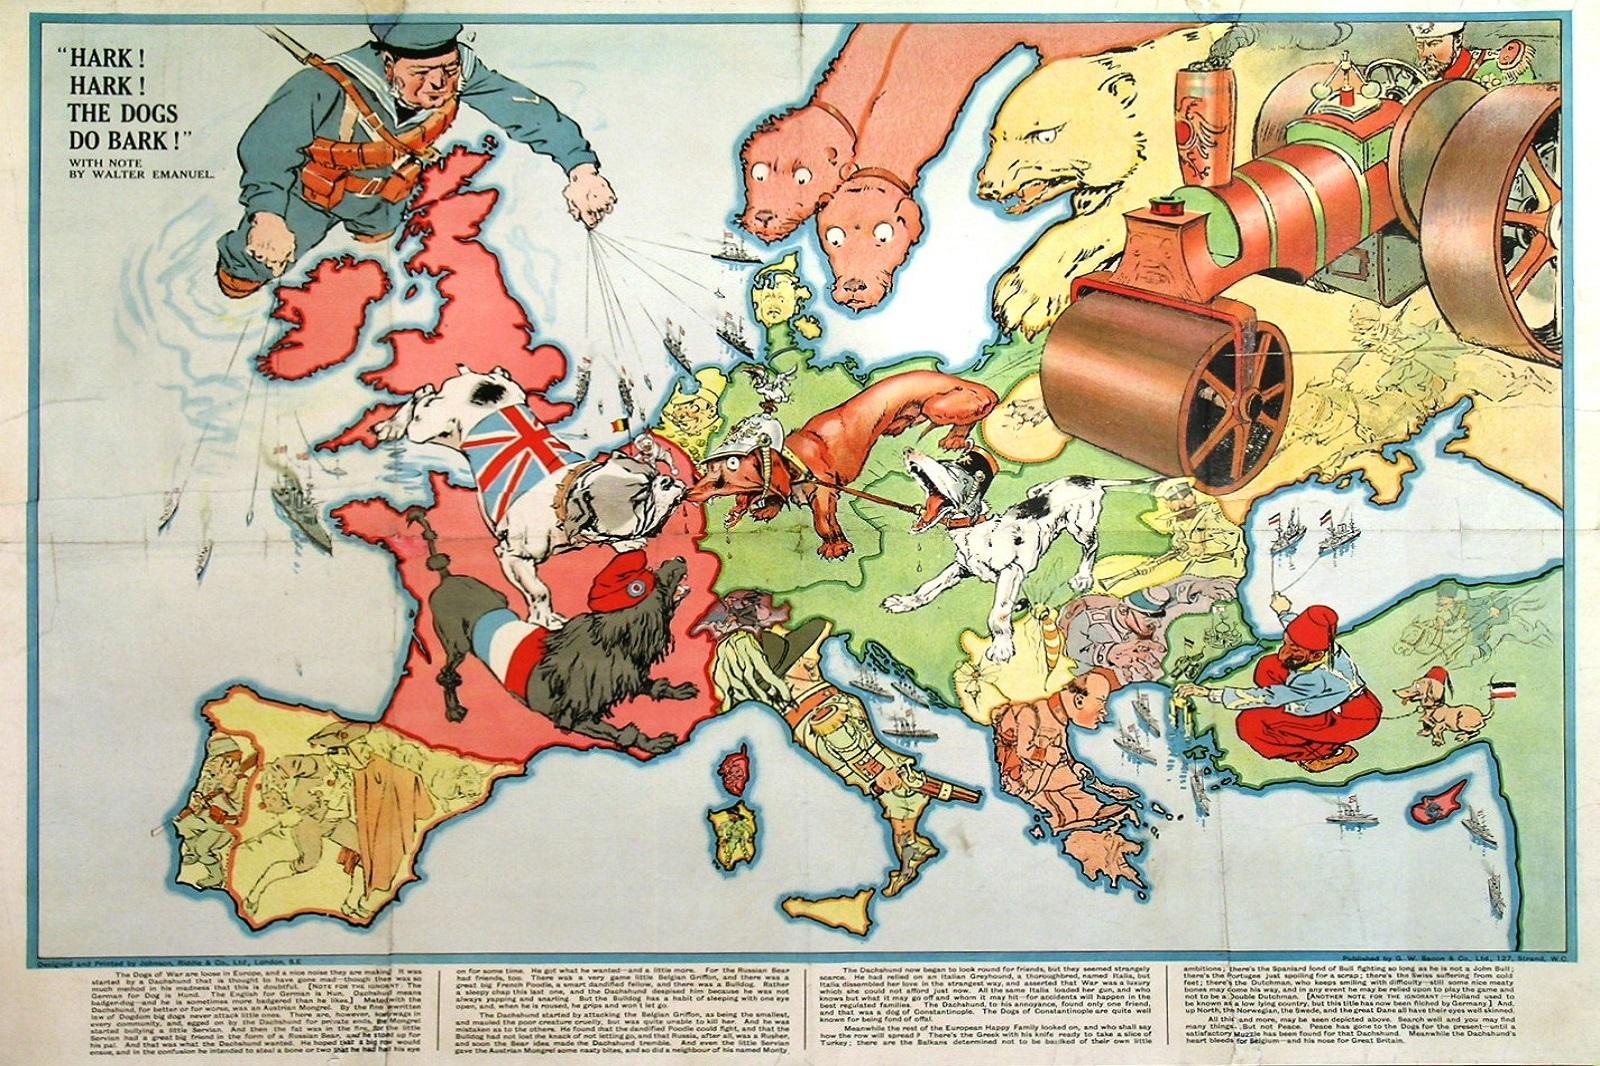 Cartina Geografica Prima Guerra Mondiale.Mostra La Grande Guerra Nella Cartografia Satirica Europea 29 30 Aprile E 1 Maggio 2017 Via Gramsci Milano Marittima Todinforma